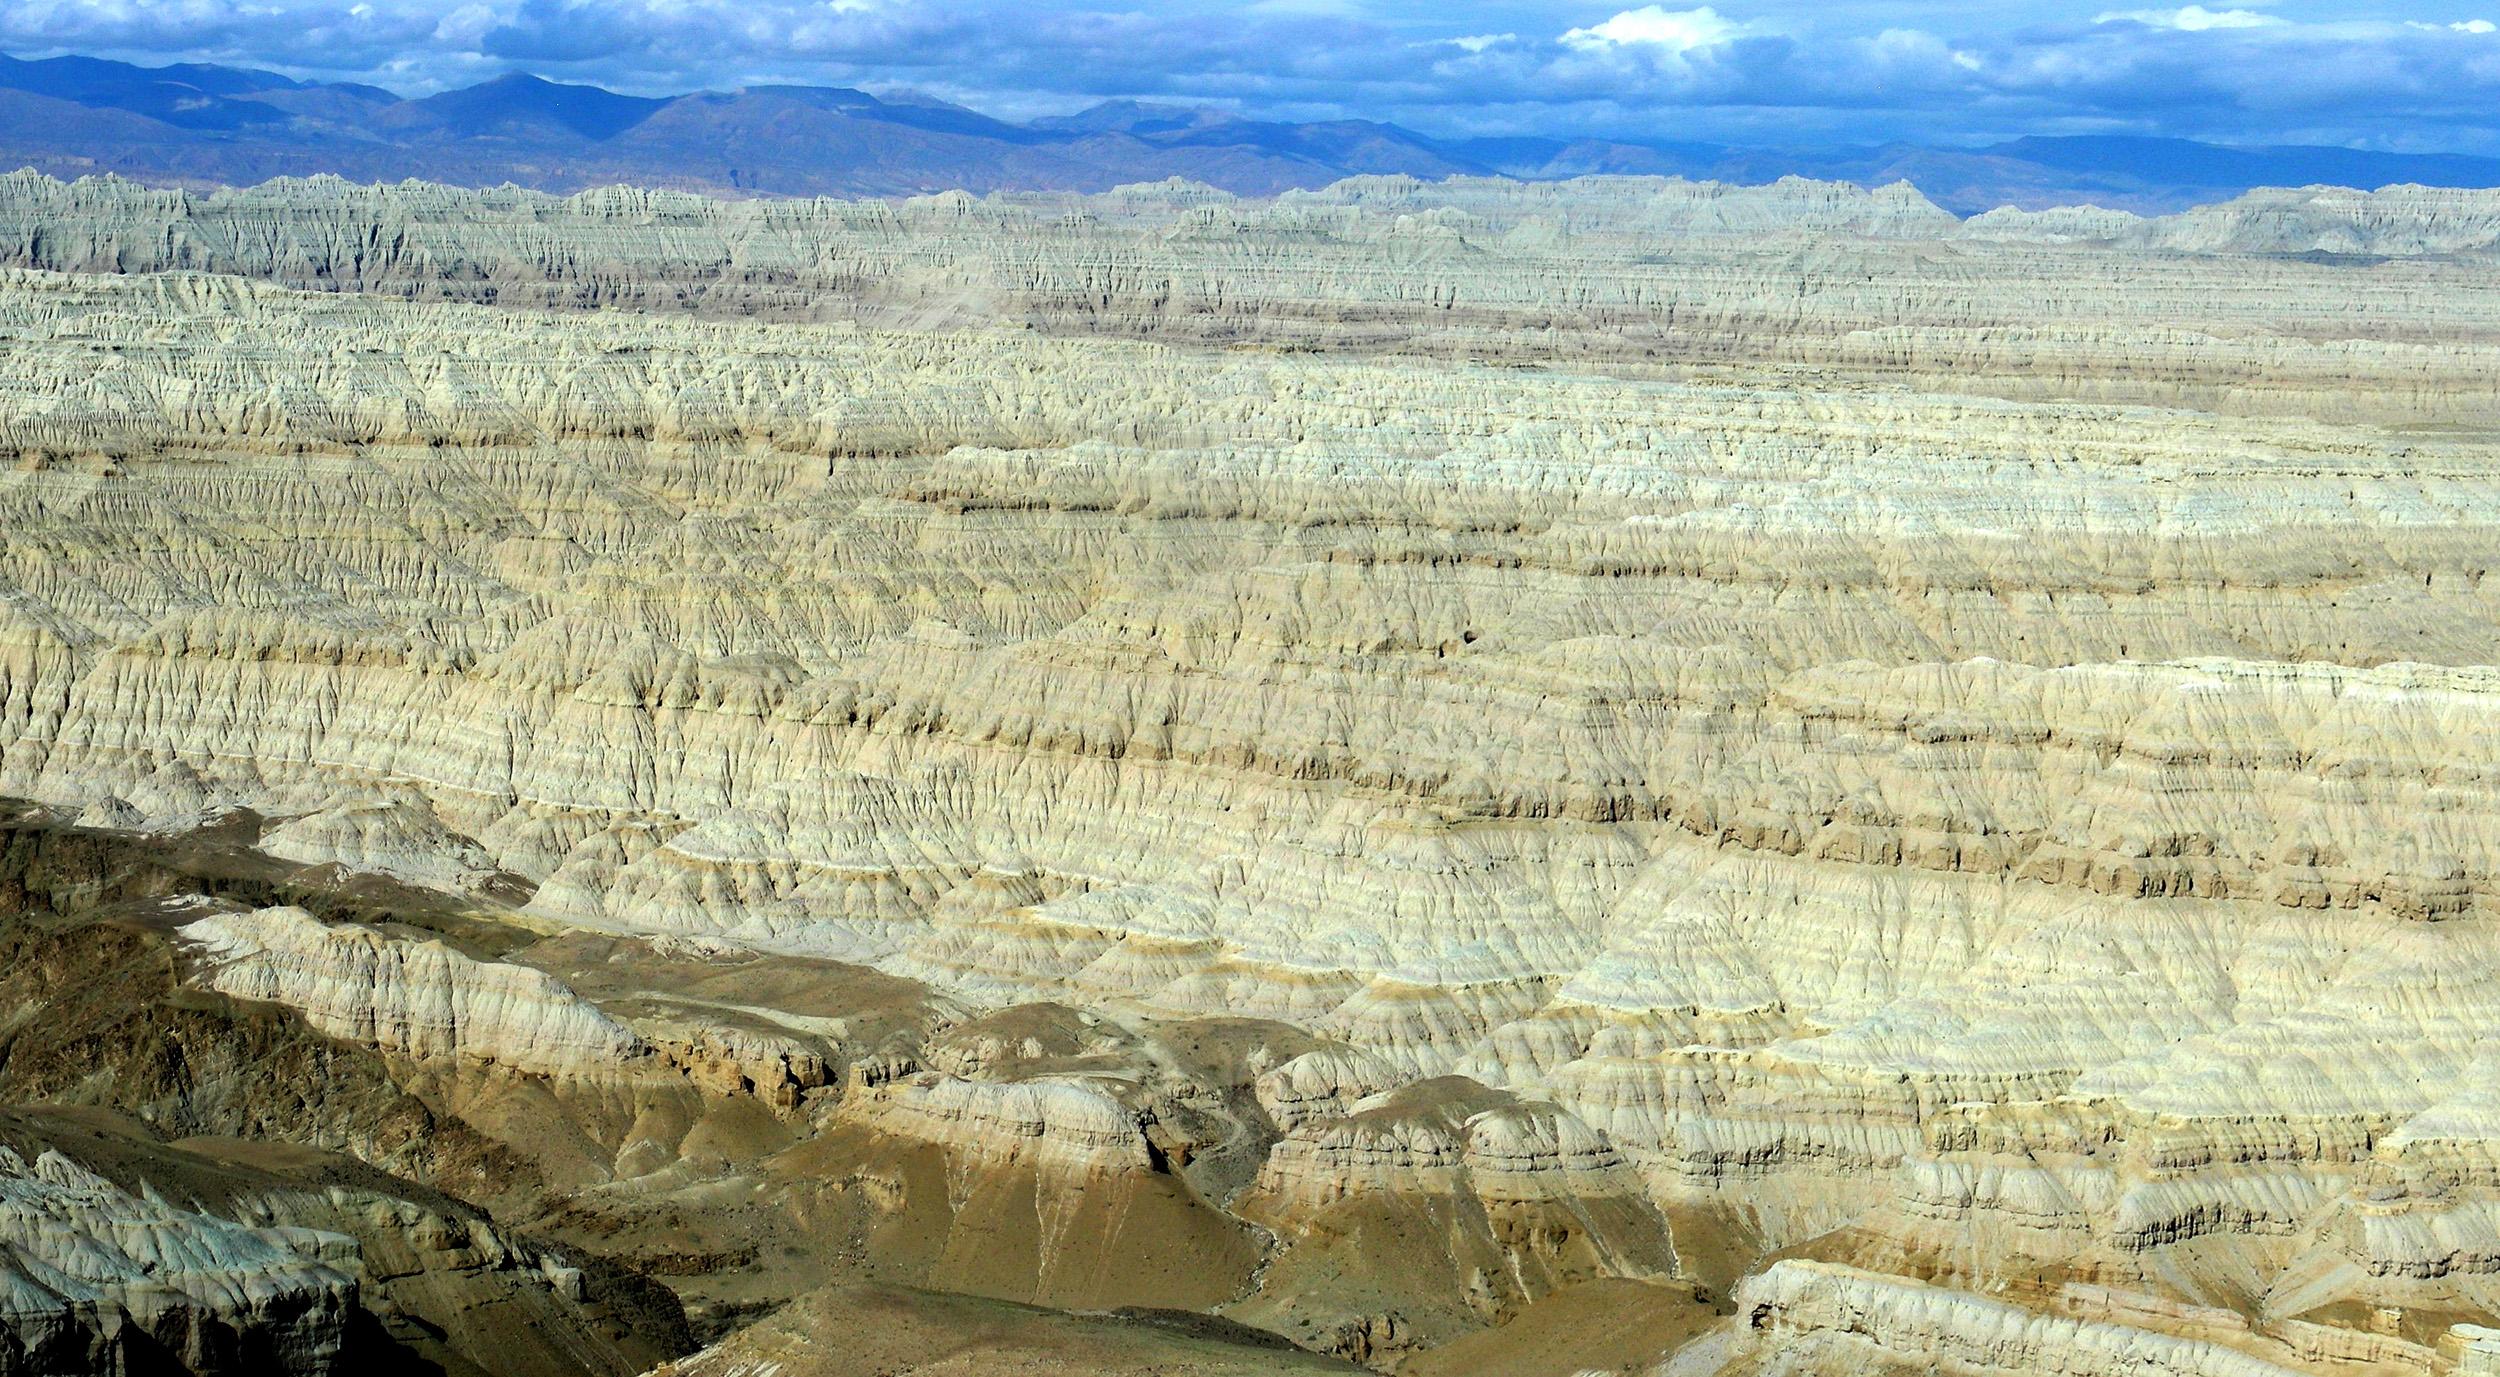 http://www.nsf.gov/news/mmg/media/images/tibet3_h1.jpg